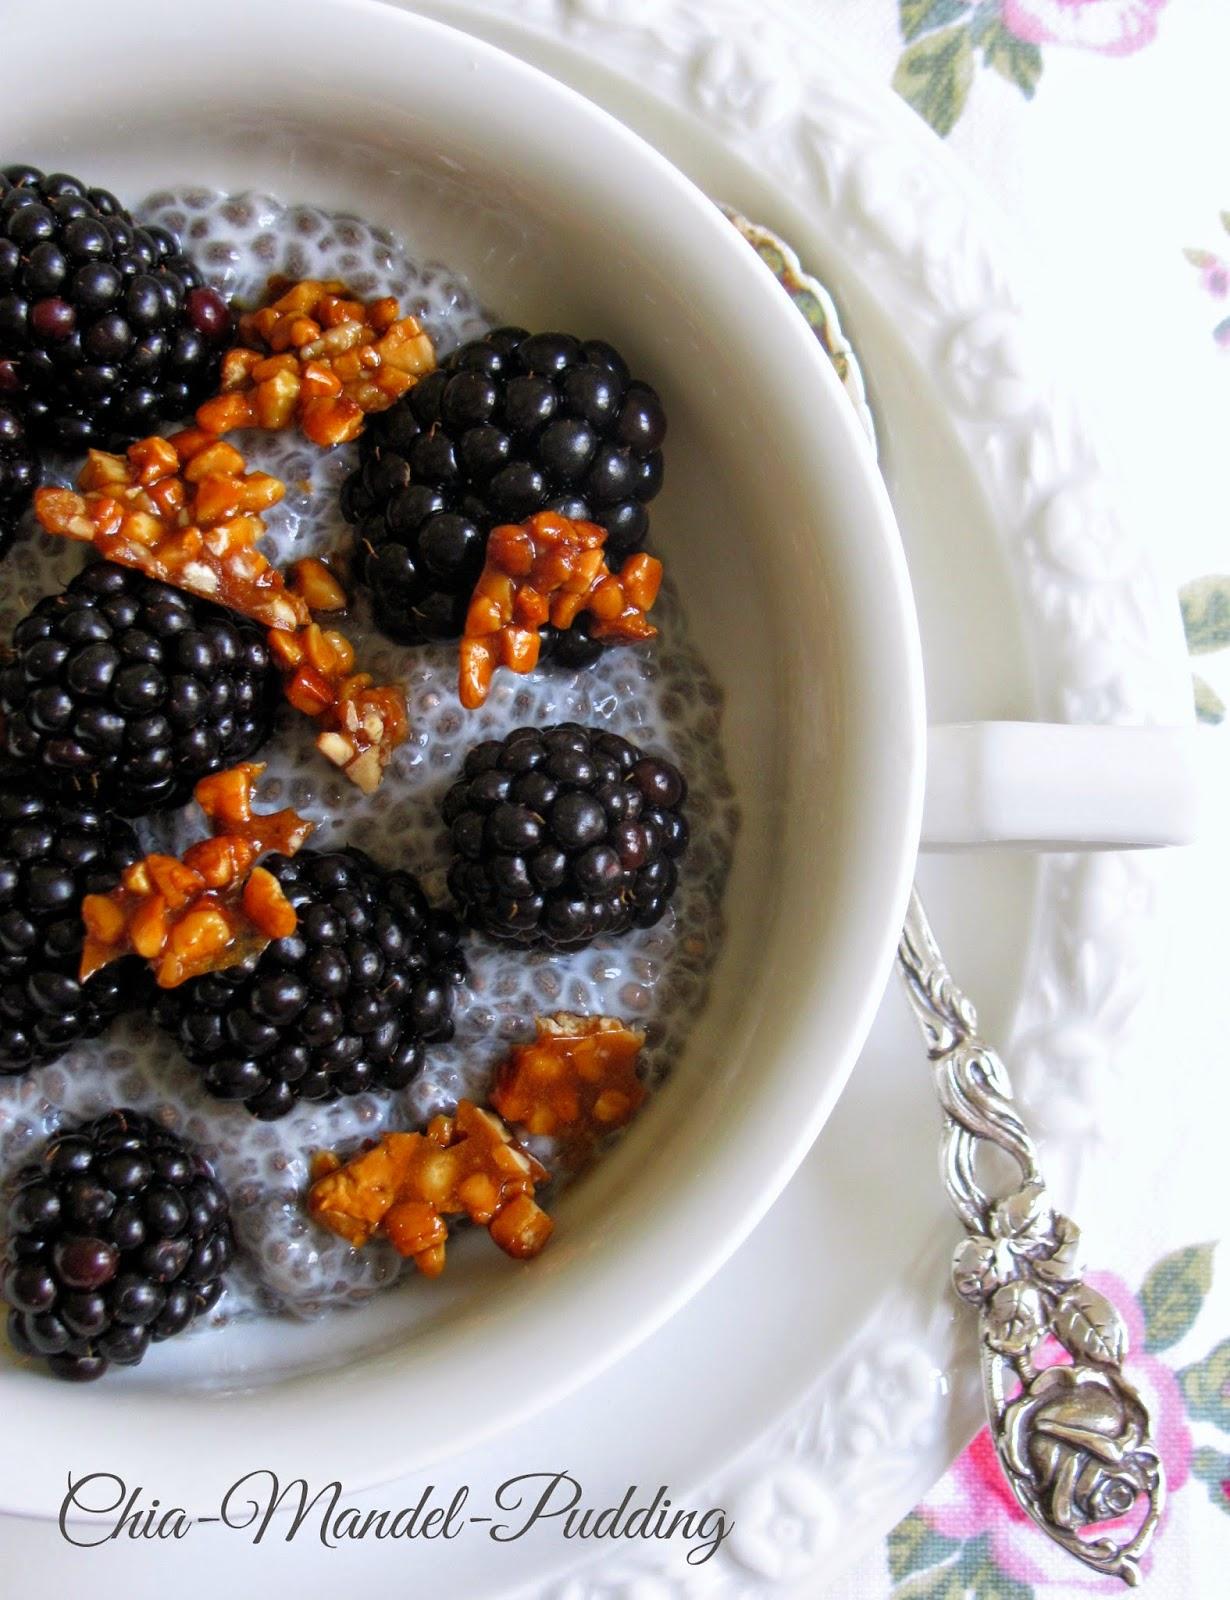 tra dolce ed amaro achtung zu gesund chia mandel pudding mit brombeeren. Black Bedroom Furniture Sets. Home Design Ideas